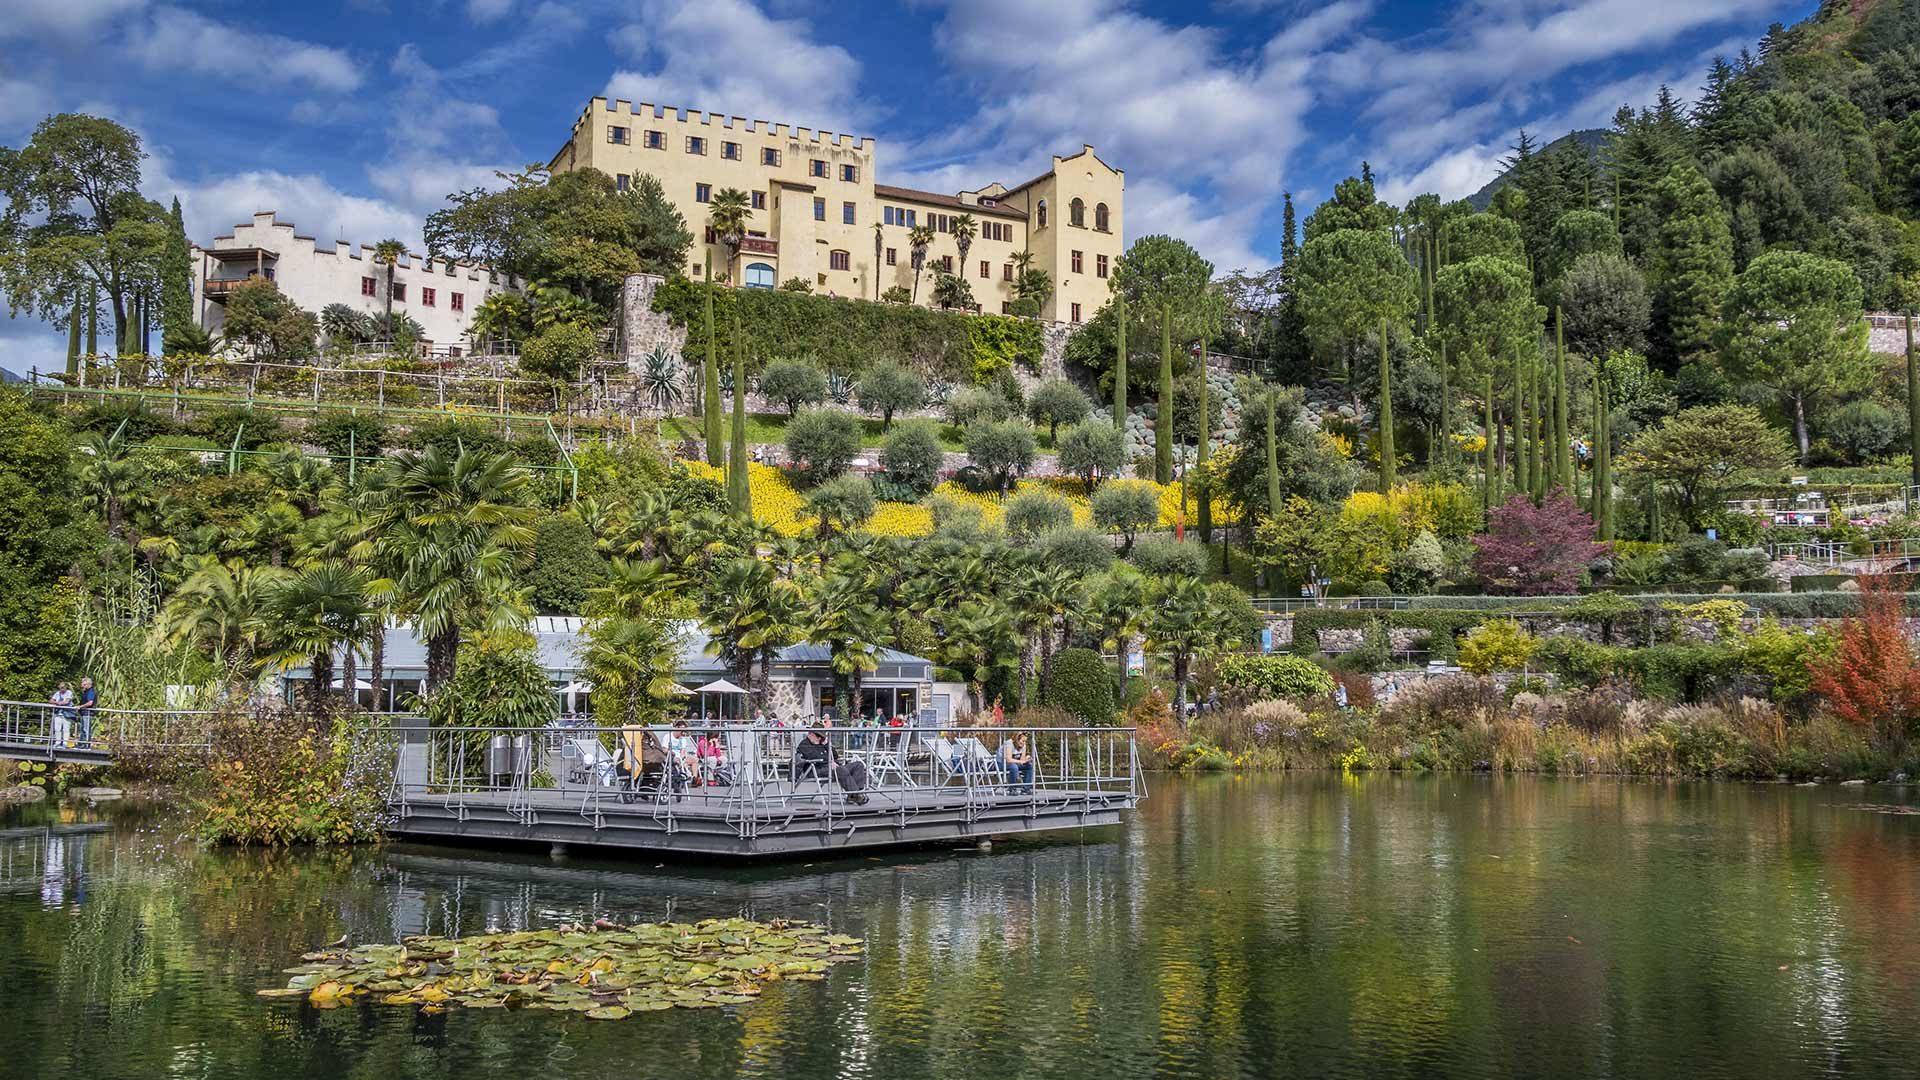 Giardini di Castel Trauttmansdorff a Merano in Alto Adige